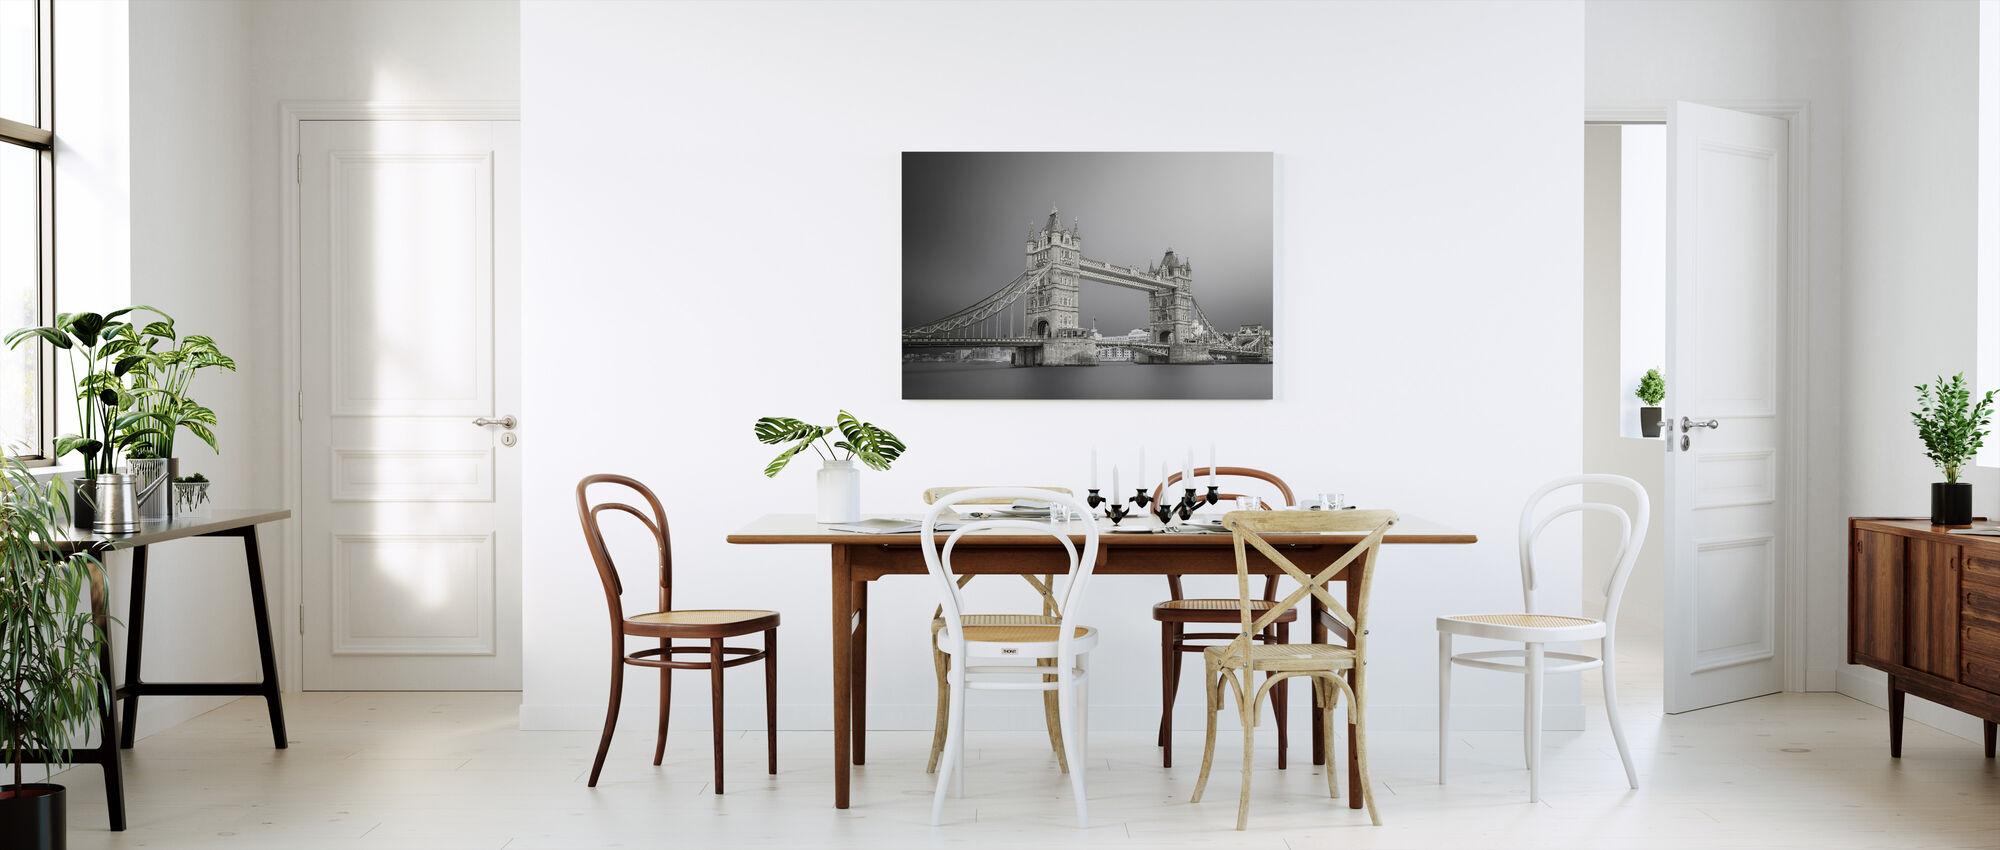 Grå Tower Bridge - Canvastavla - Kök